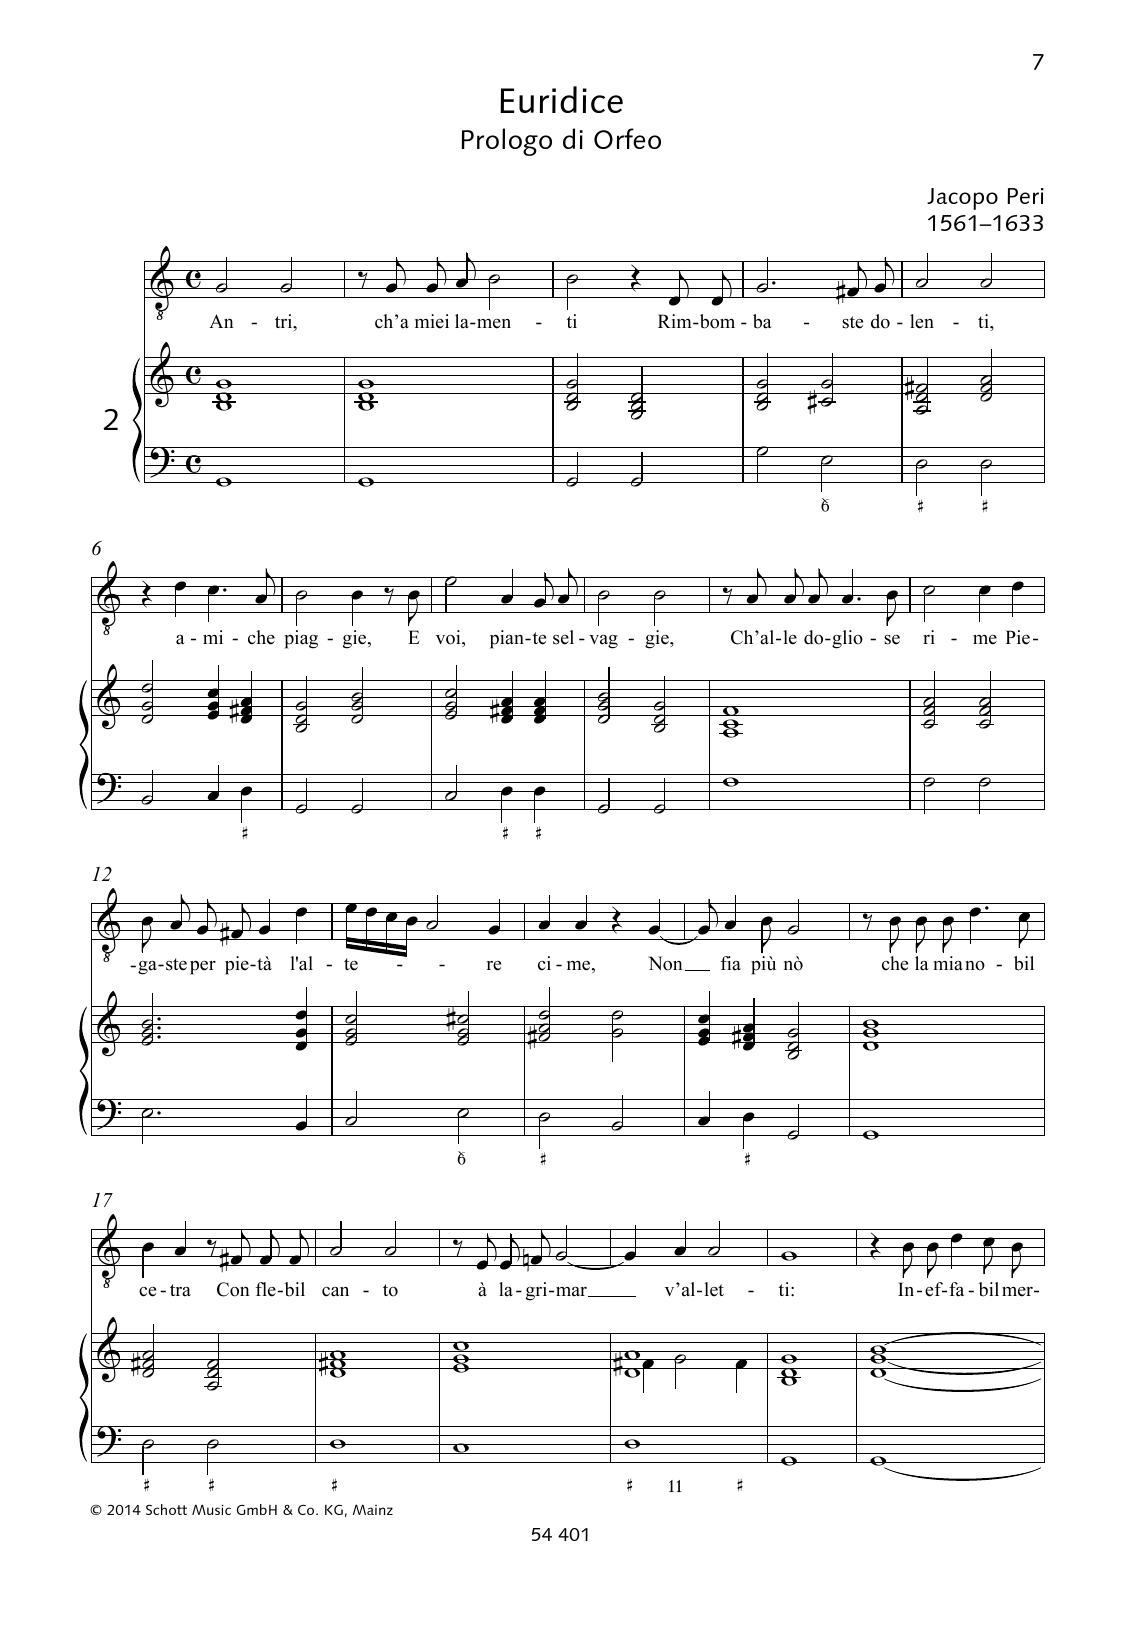 Antri, ch'a miei lamenti Rimbombaste dolenti Sheet Music